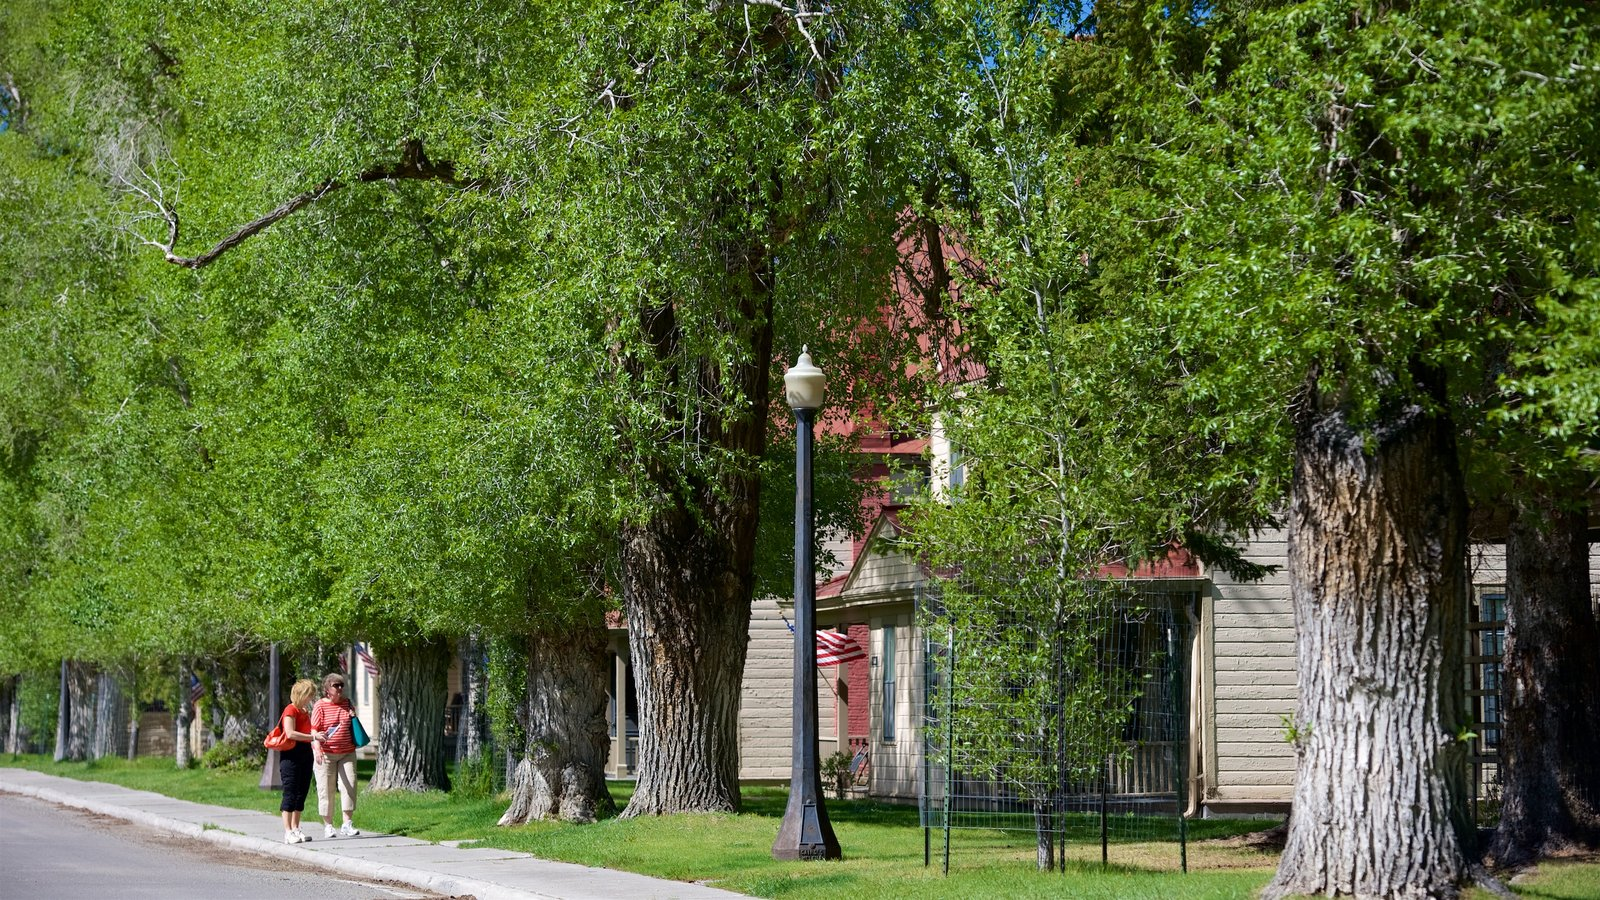 Distrito Histórico de Fort Yellowstone que inclui uma cidade pequena ou vila e escalada ou caminhada assim como uma mulher sozinha